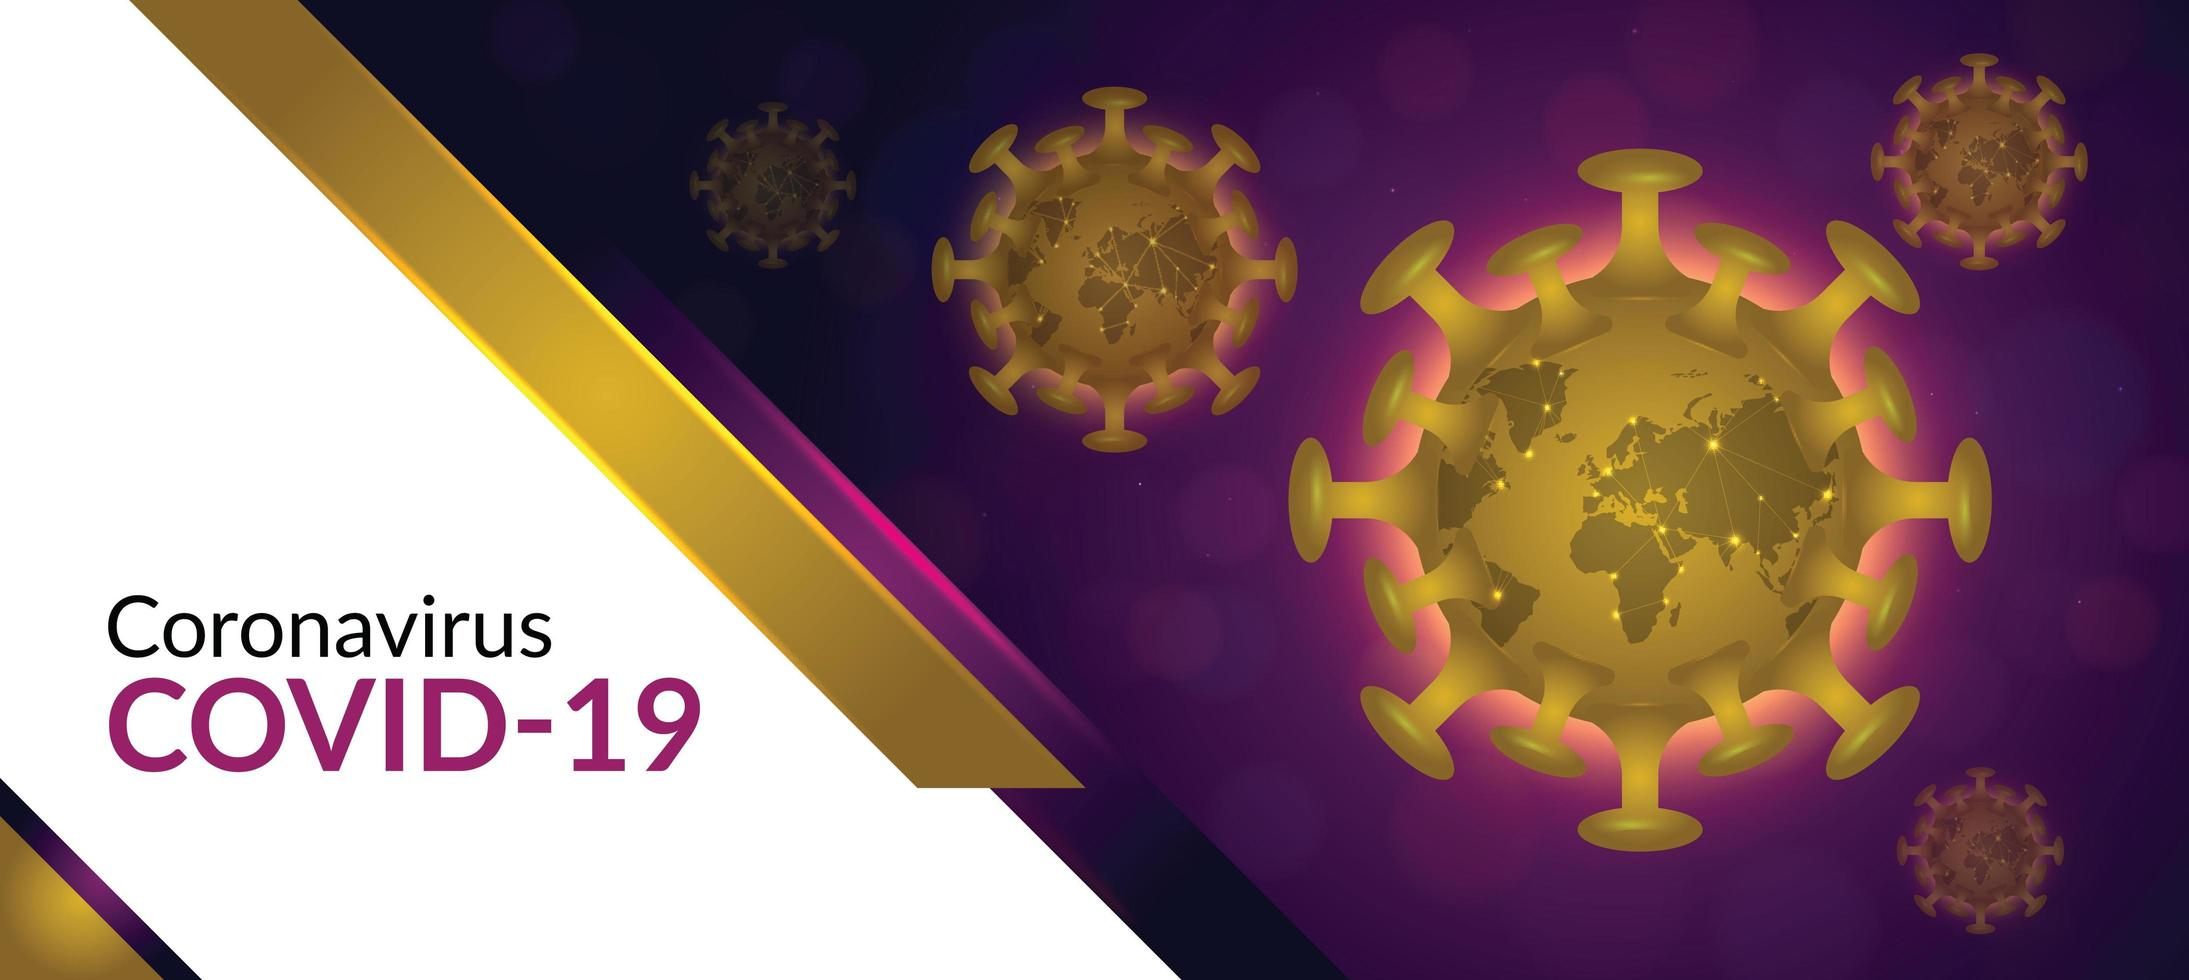 bannière de coronavirus violet et or vecteur